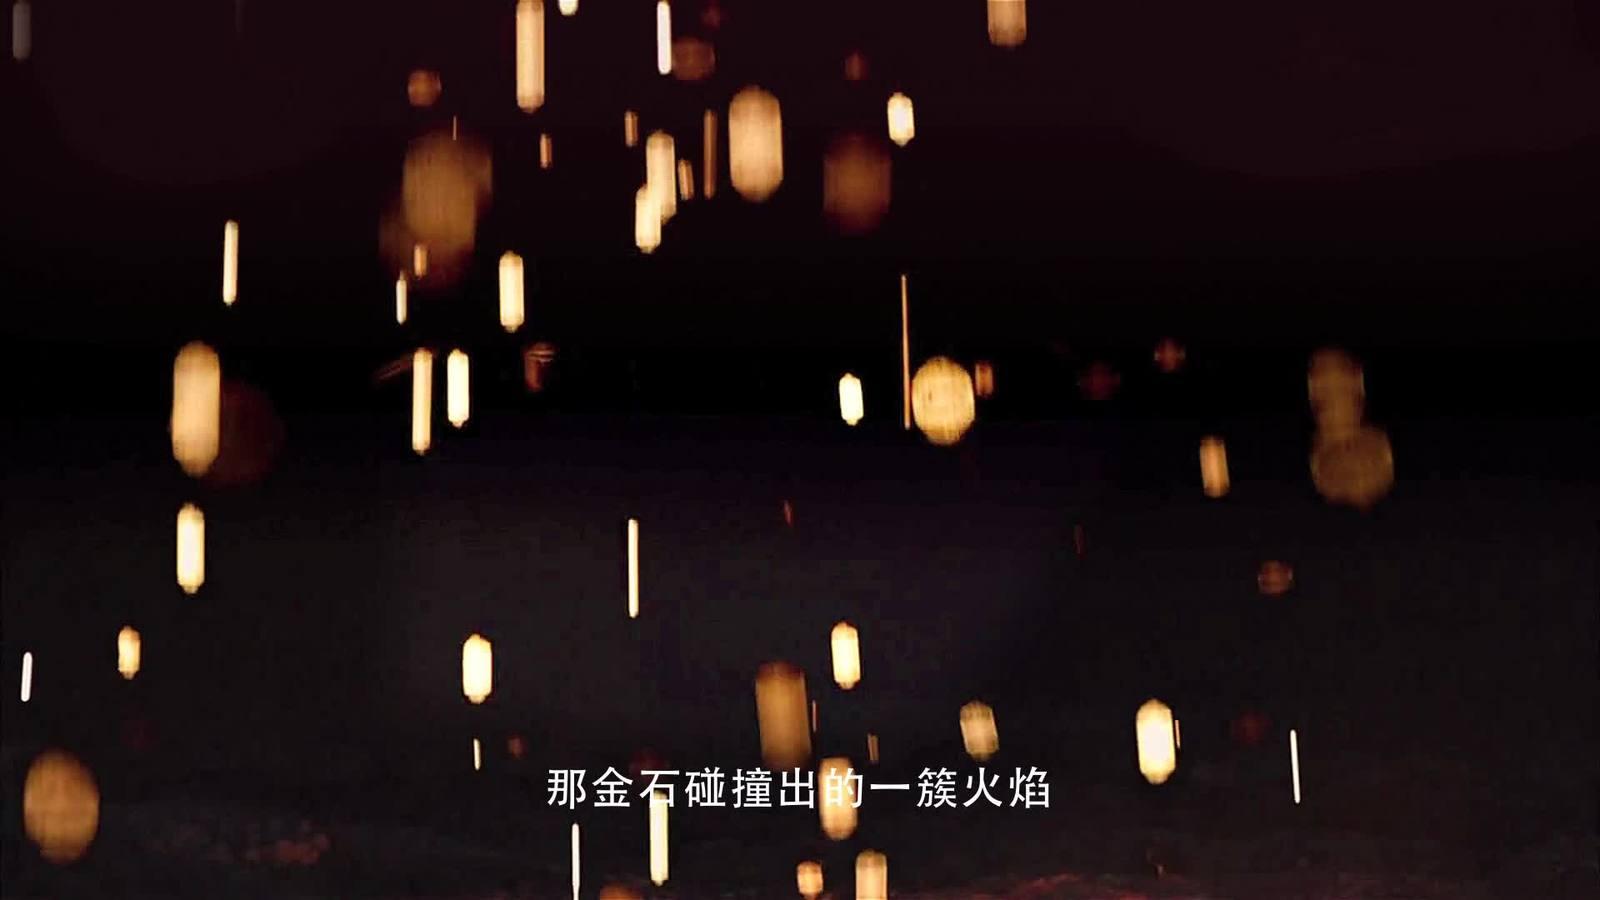 中国梦歌曲《誓言》MV